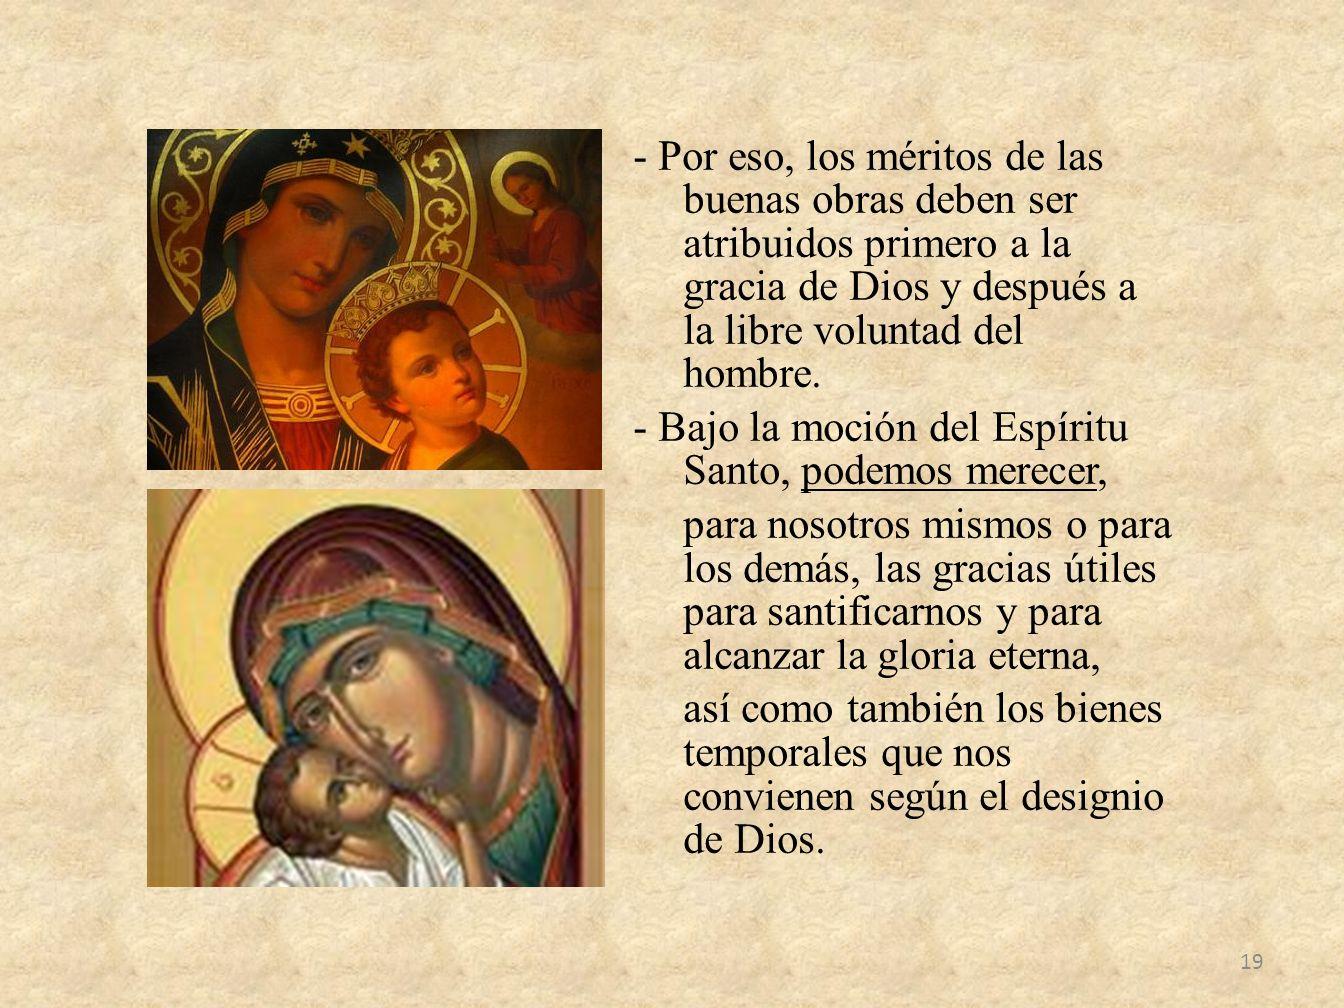 - Por eso, los méritos de las buenas obras deben ser atribuidos primero a la gracia de Dios y después a la libre voluntad del hombre. - Bajo la moción